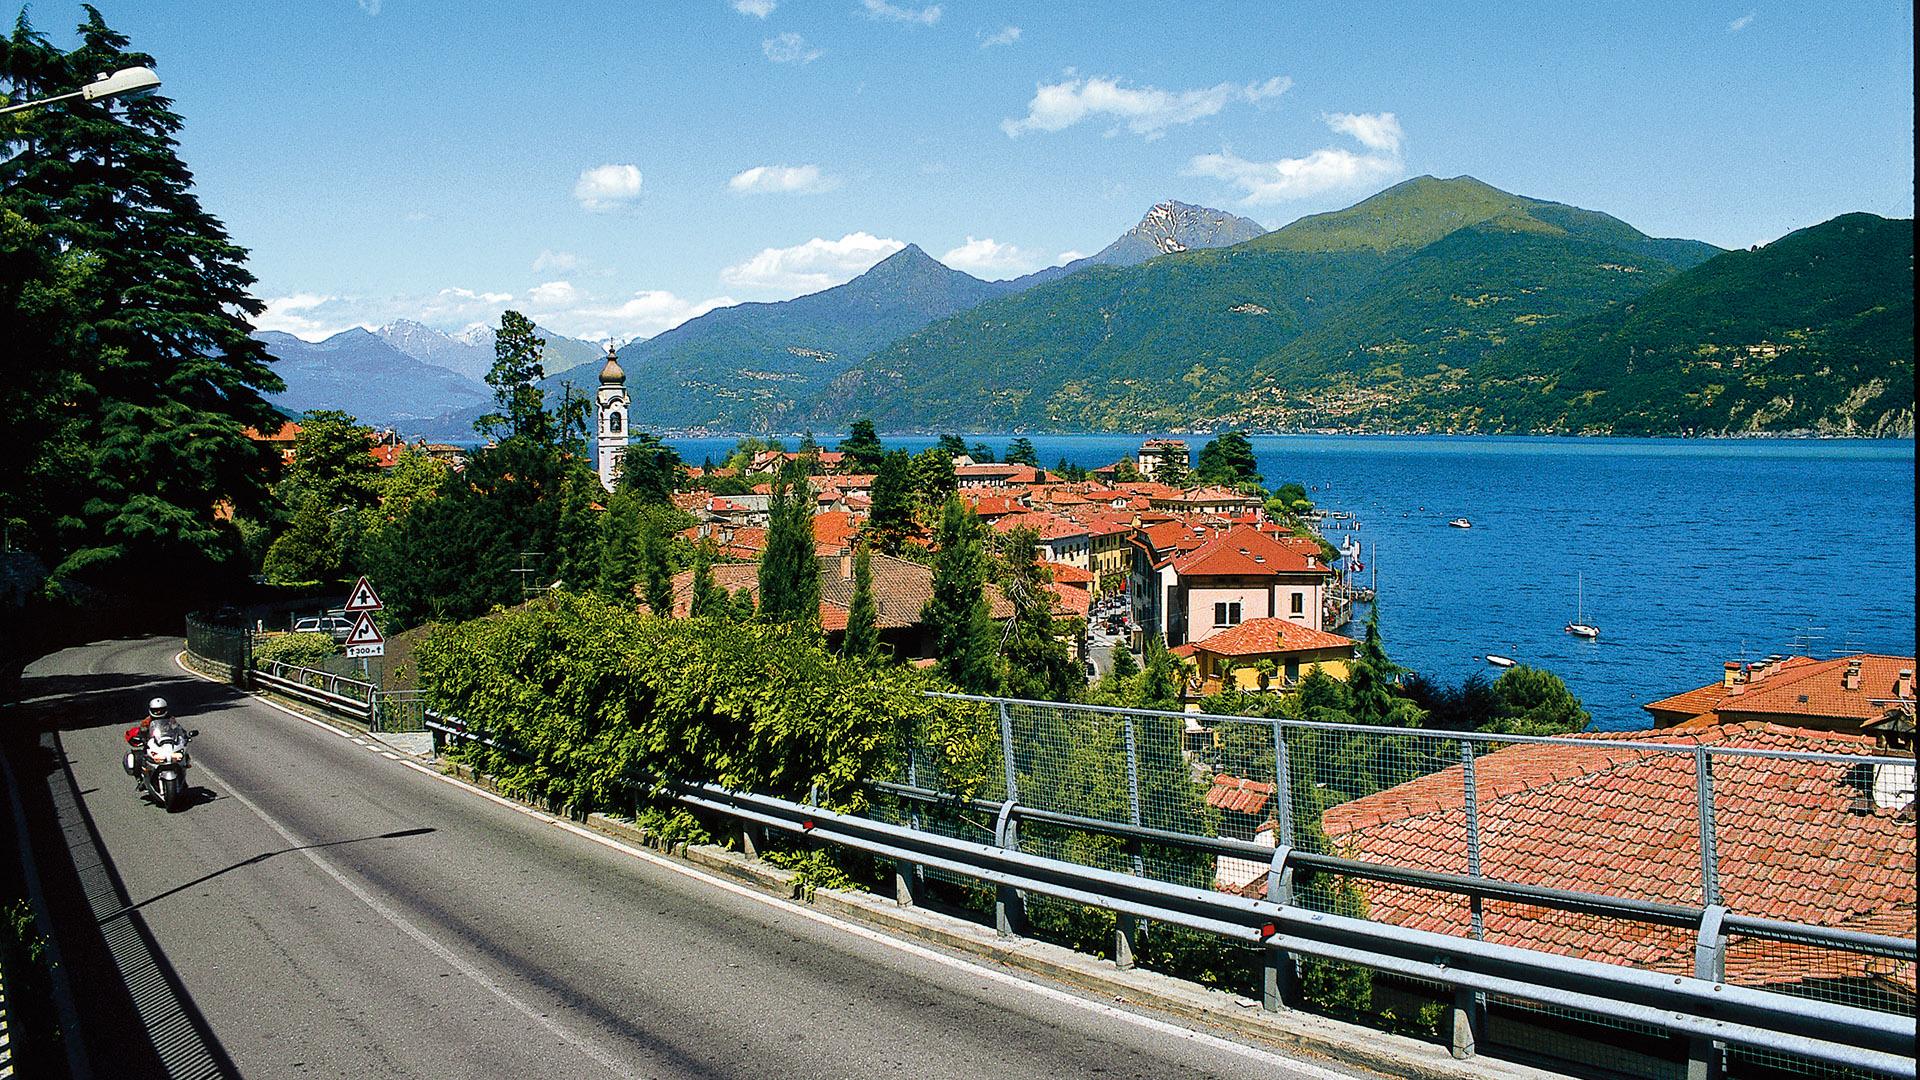 Wasserspiele - Tour 4.2: Lago di Como